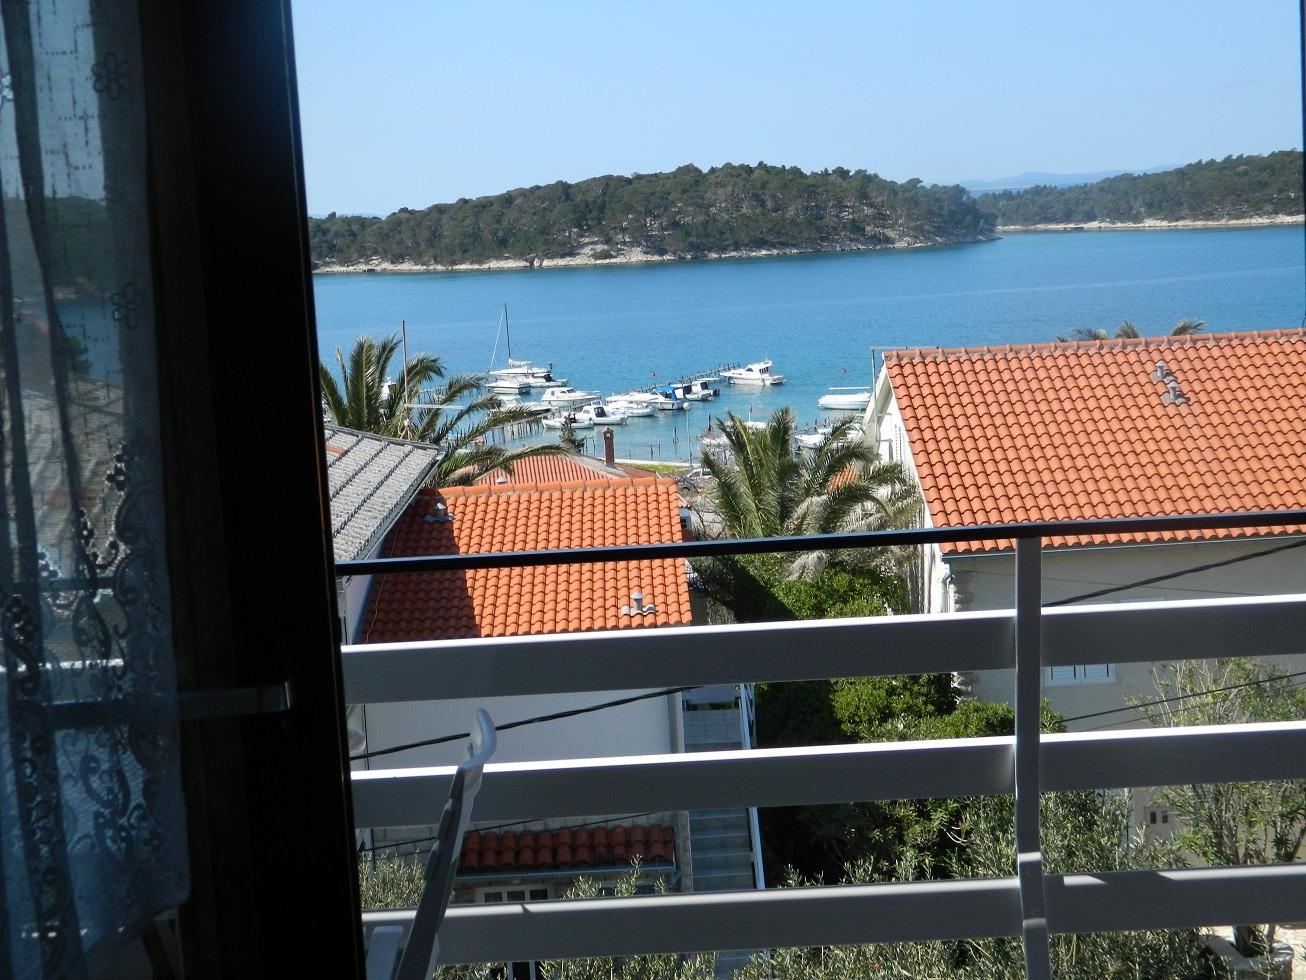 Apartmány, Palit, Ostrov Rab - Apartmány  Gold - sea view: